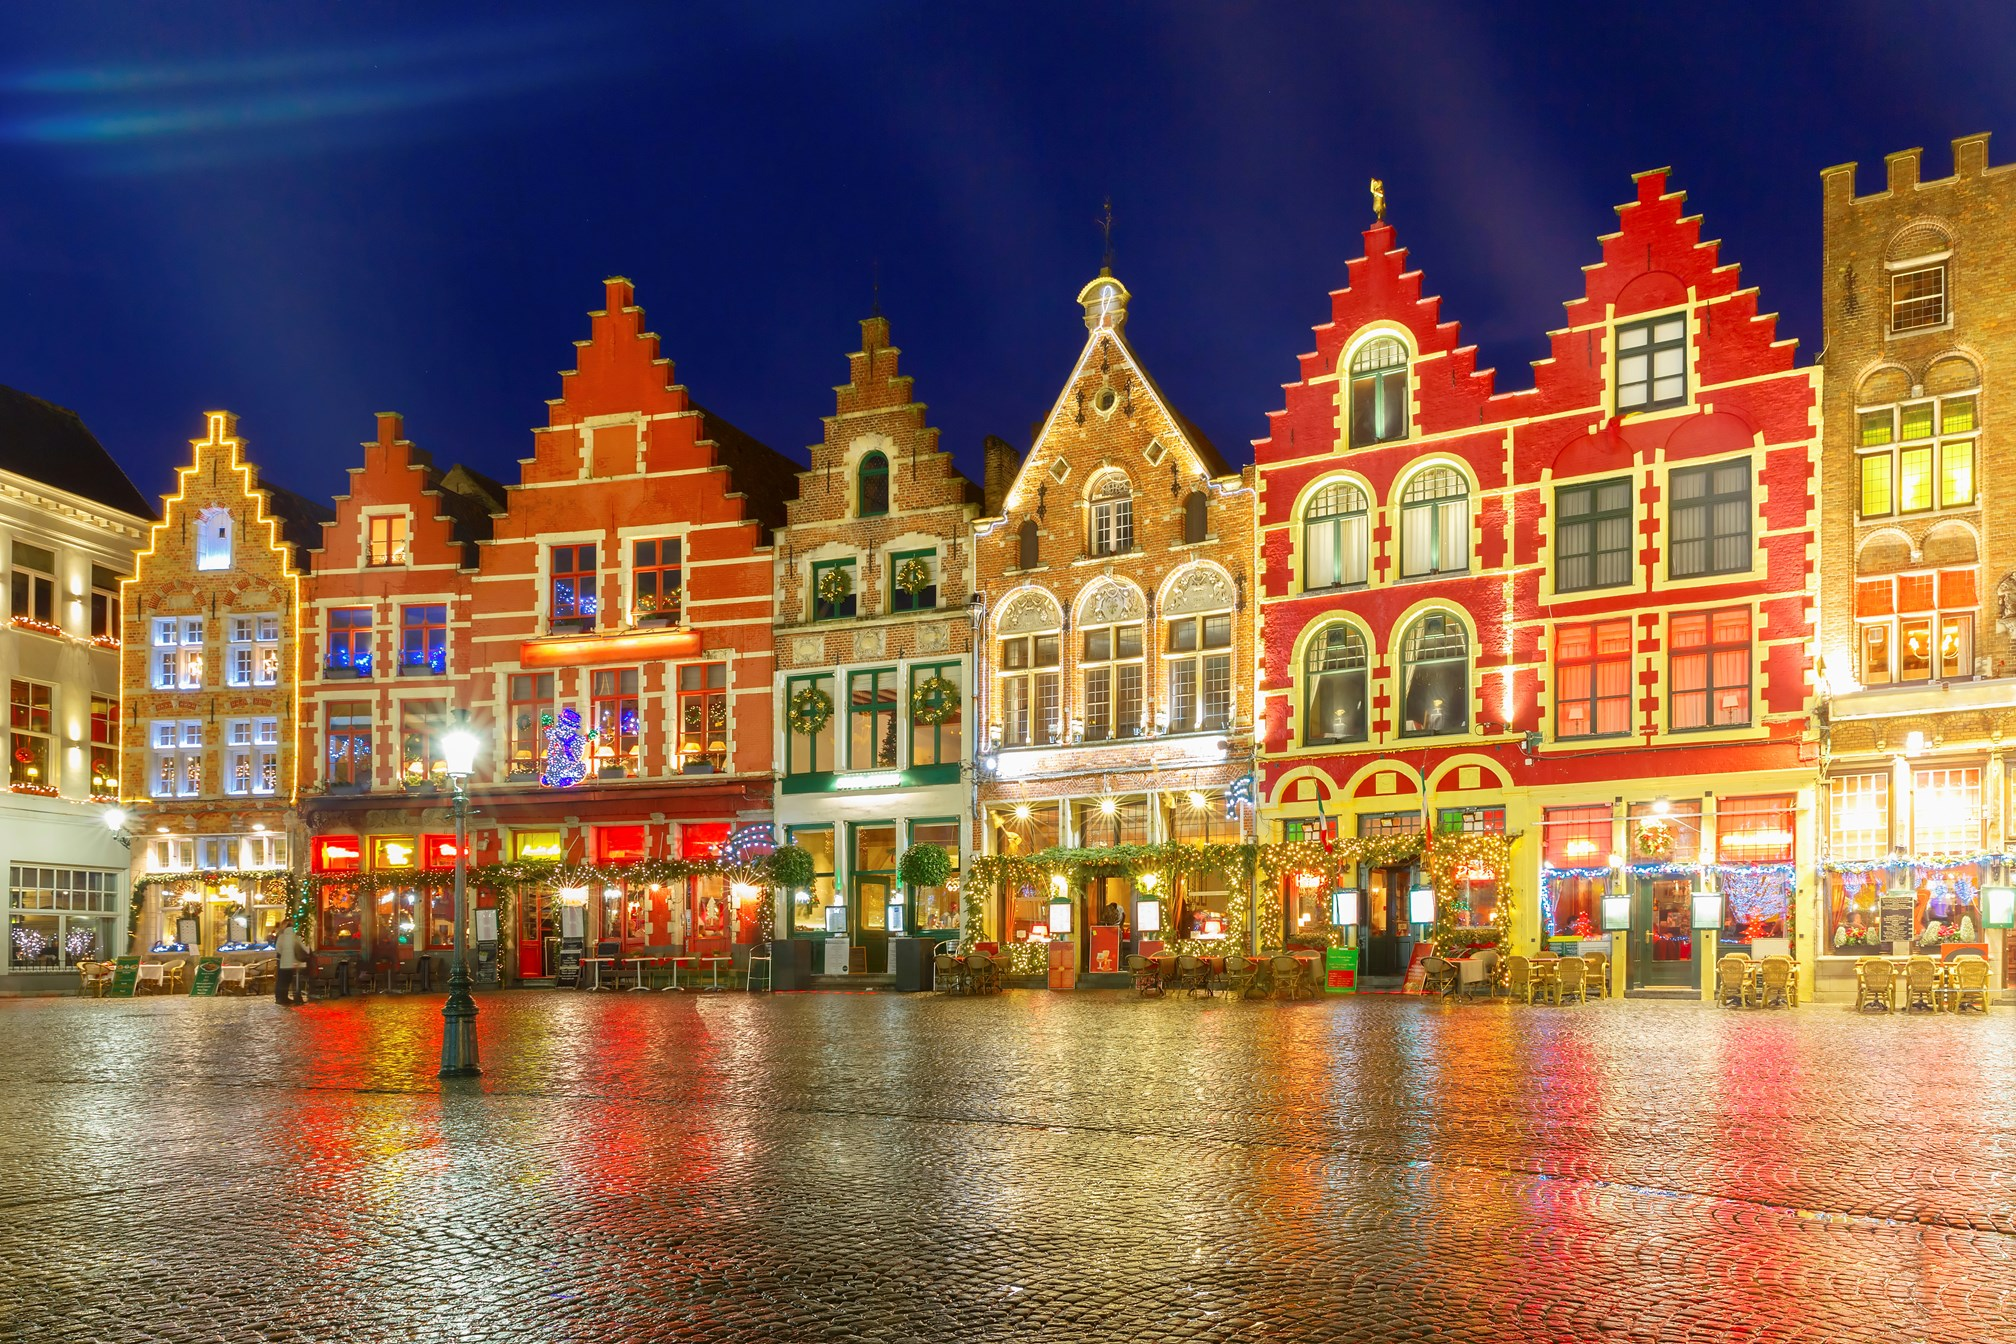 Bruges at Twixmas